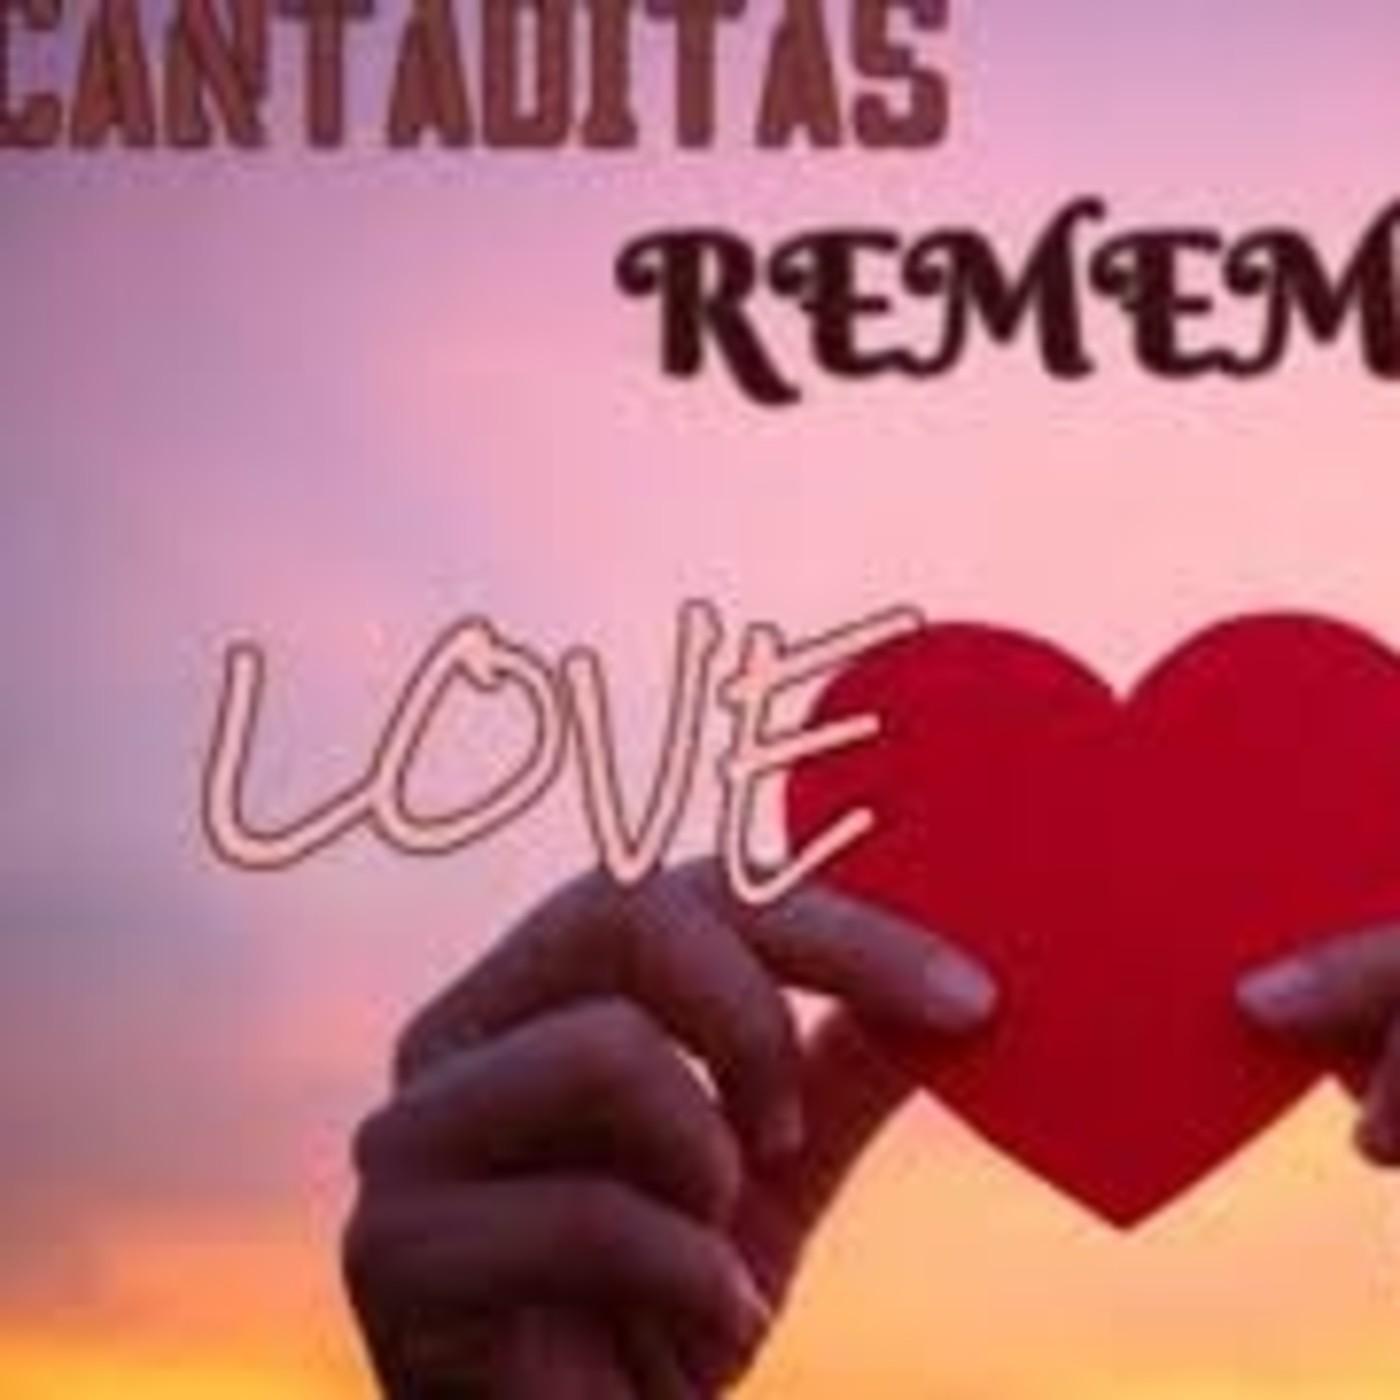 cantaditas-y-temazos-remember-marzo-2020-#yomequedoencasabailando